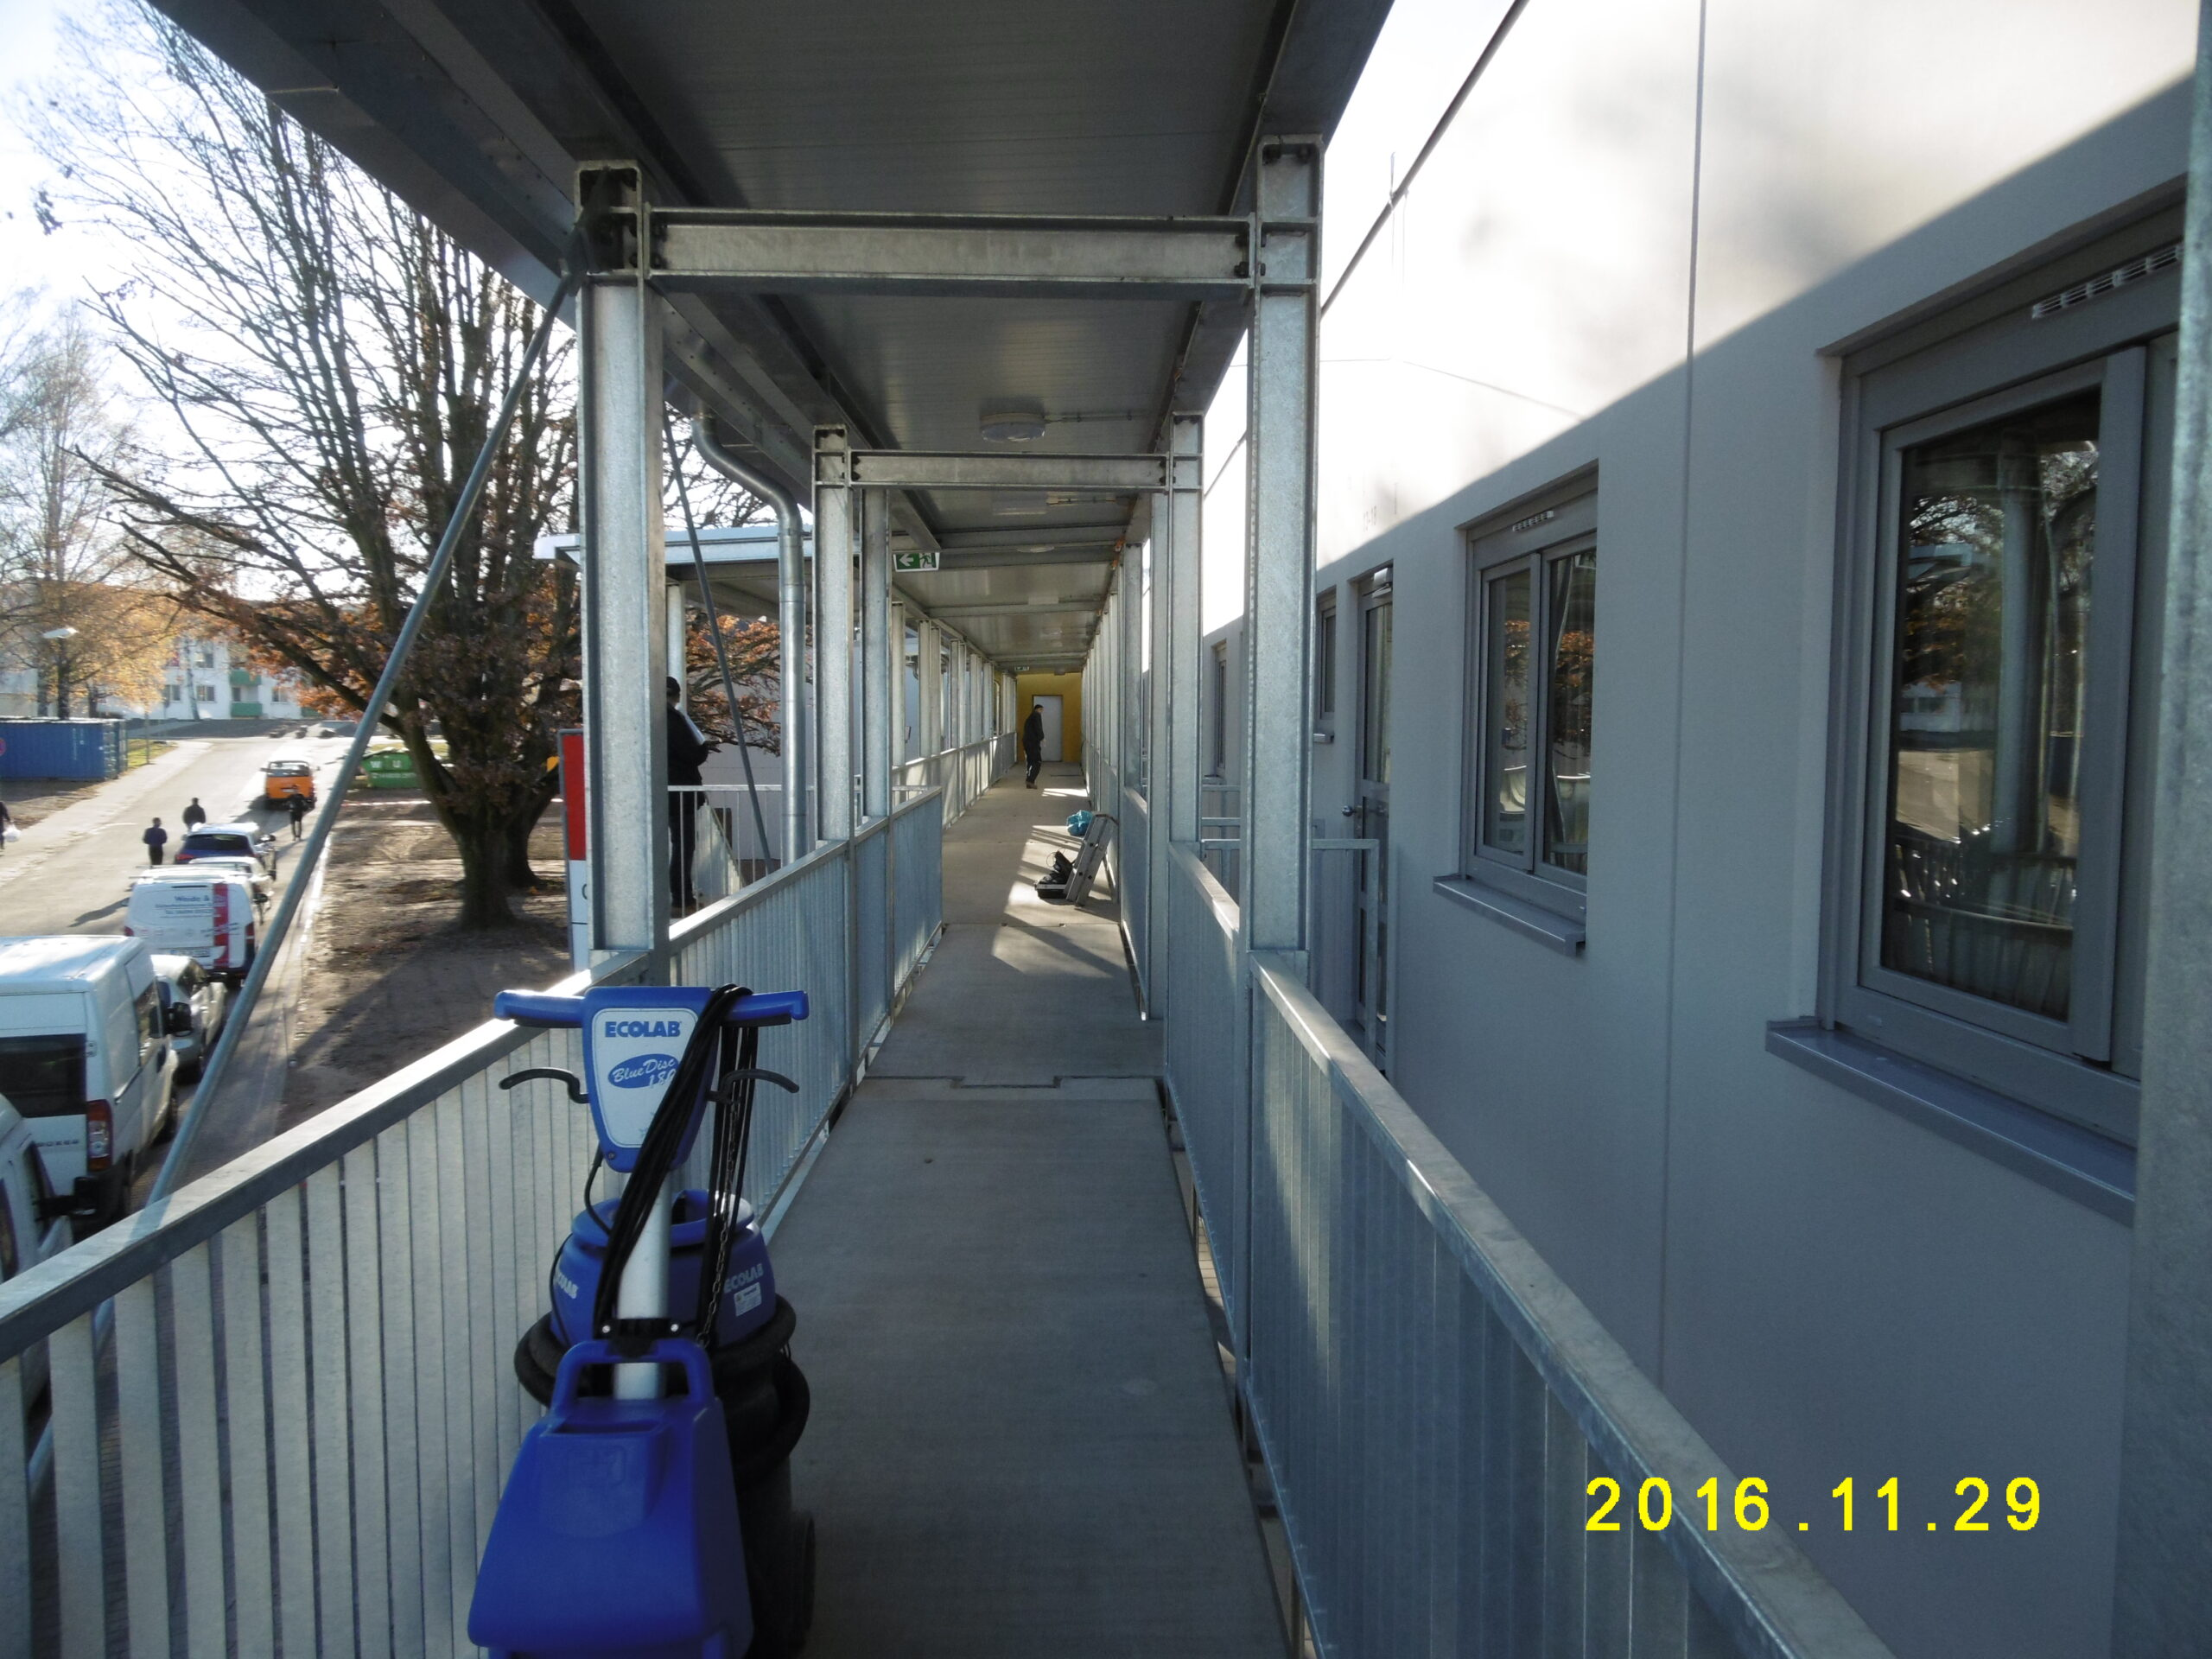 Neubau mehrerer Verfügungsgebäude zur Unterbringung von Kriegsflüchtlingen in der Zentralen Landesaufnhmestelle Lebach